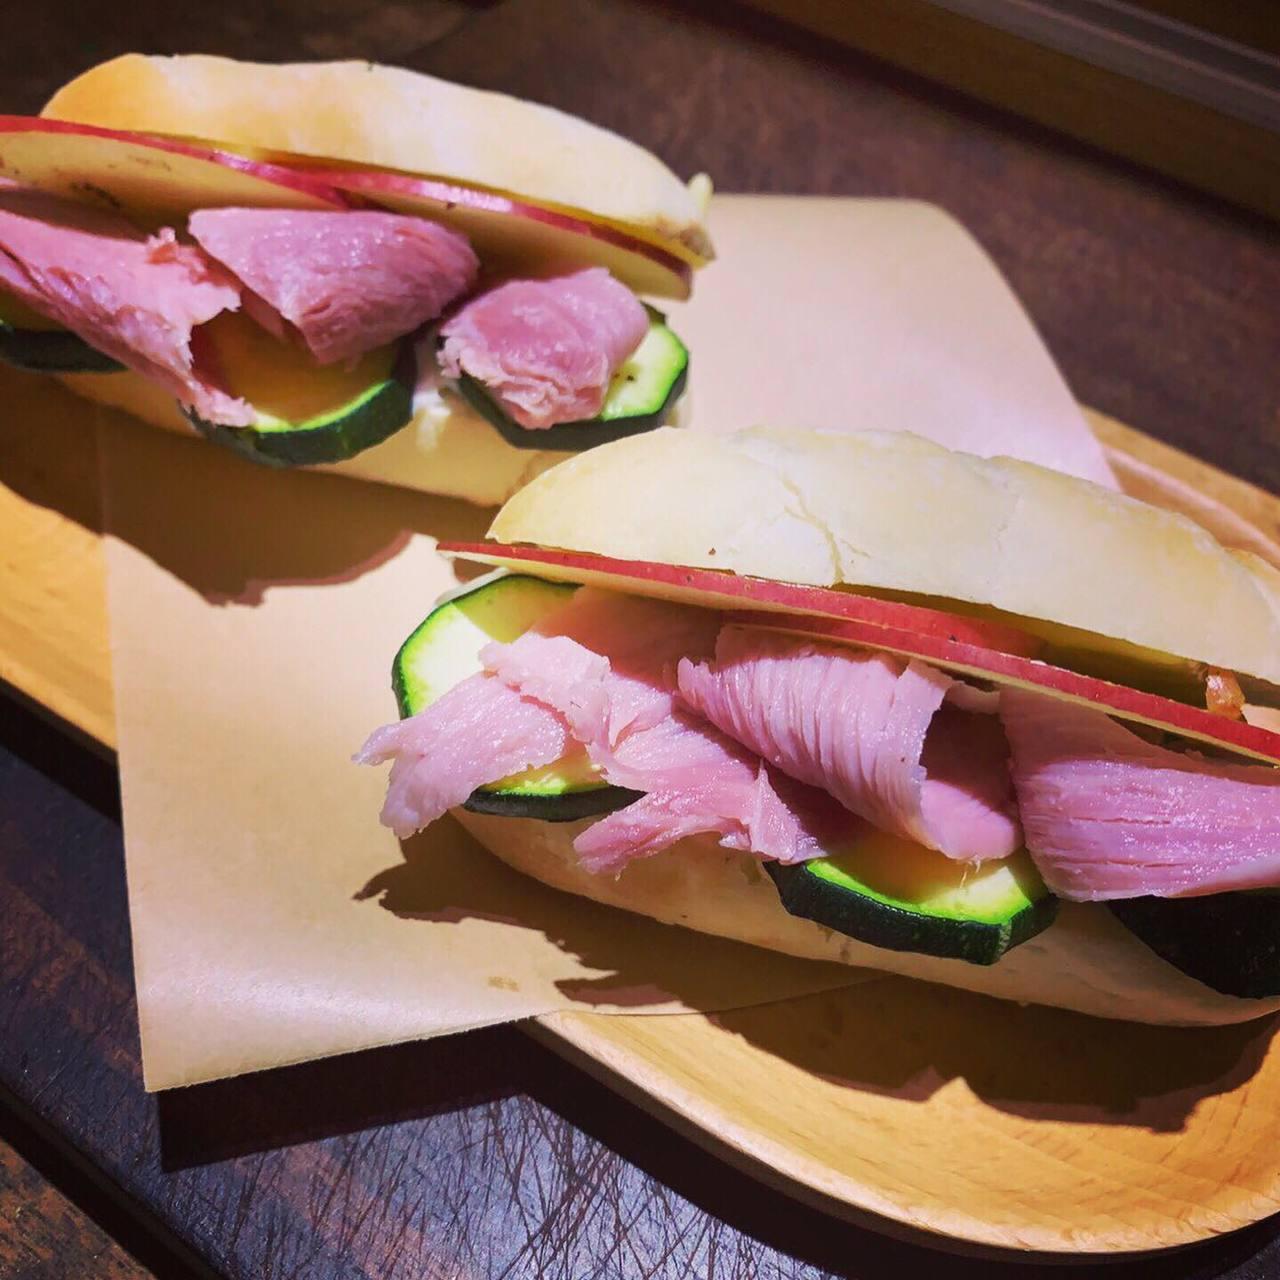 貝克宅也有提供輕食三明治等餐點。圖/貝克宅提供